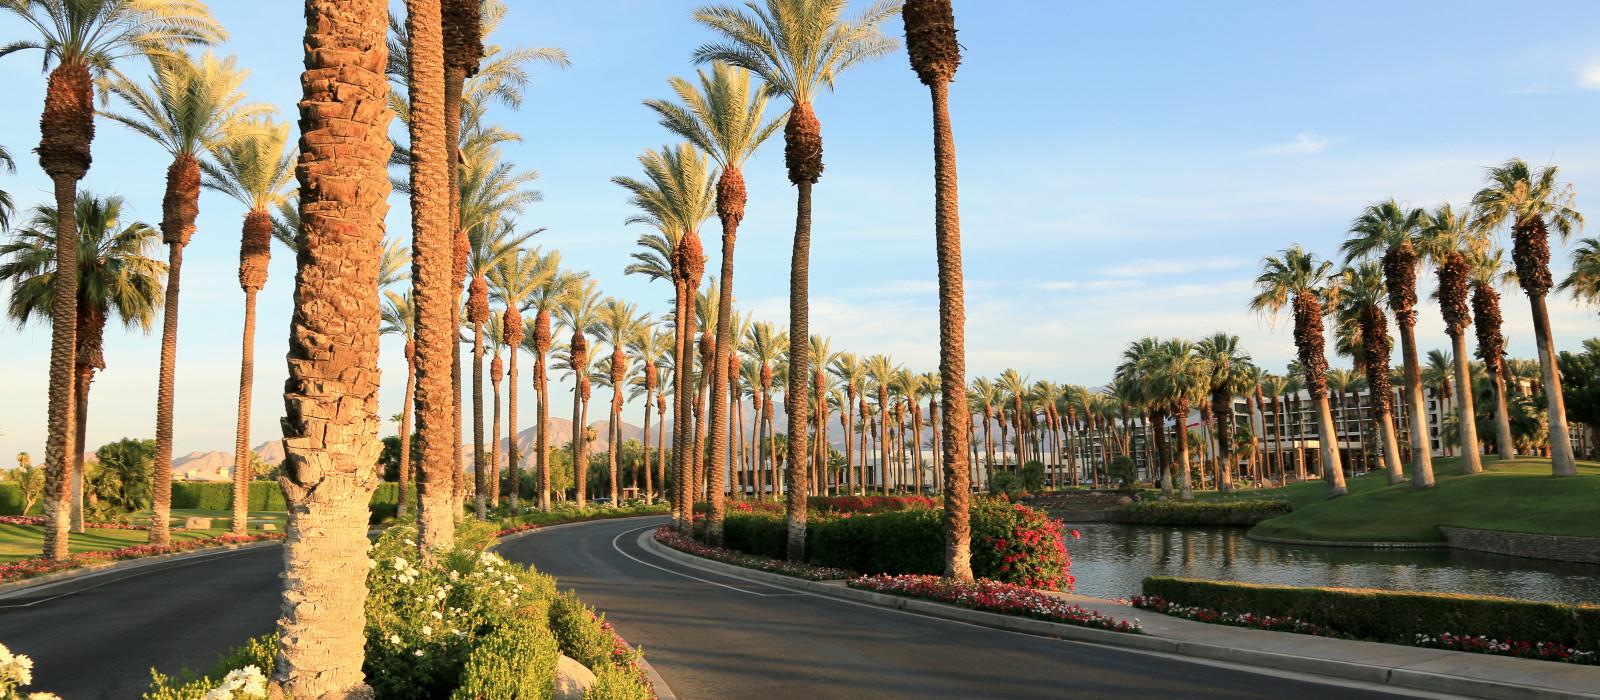 Destination Palm Springs USA